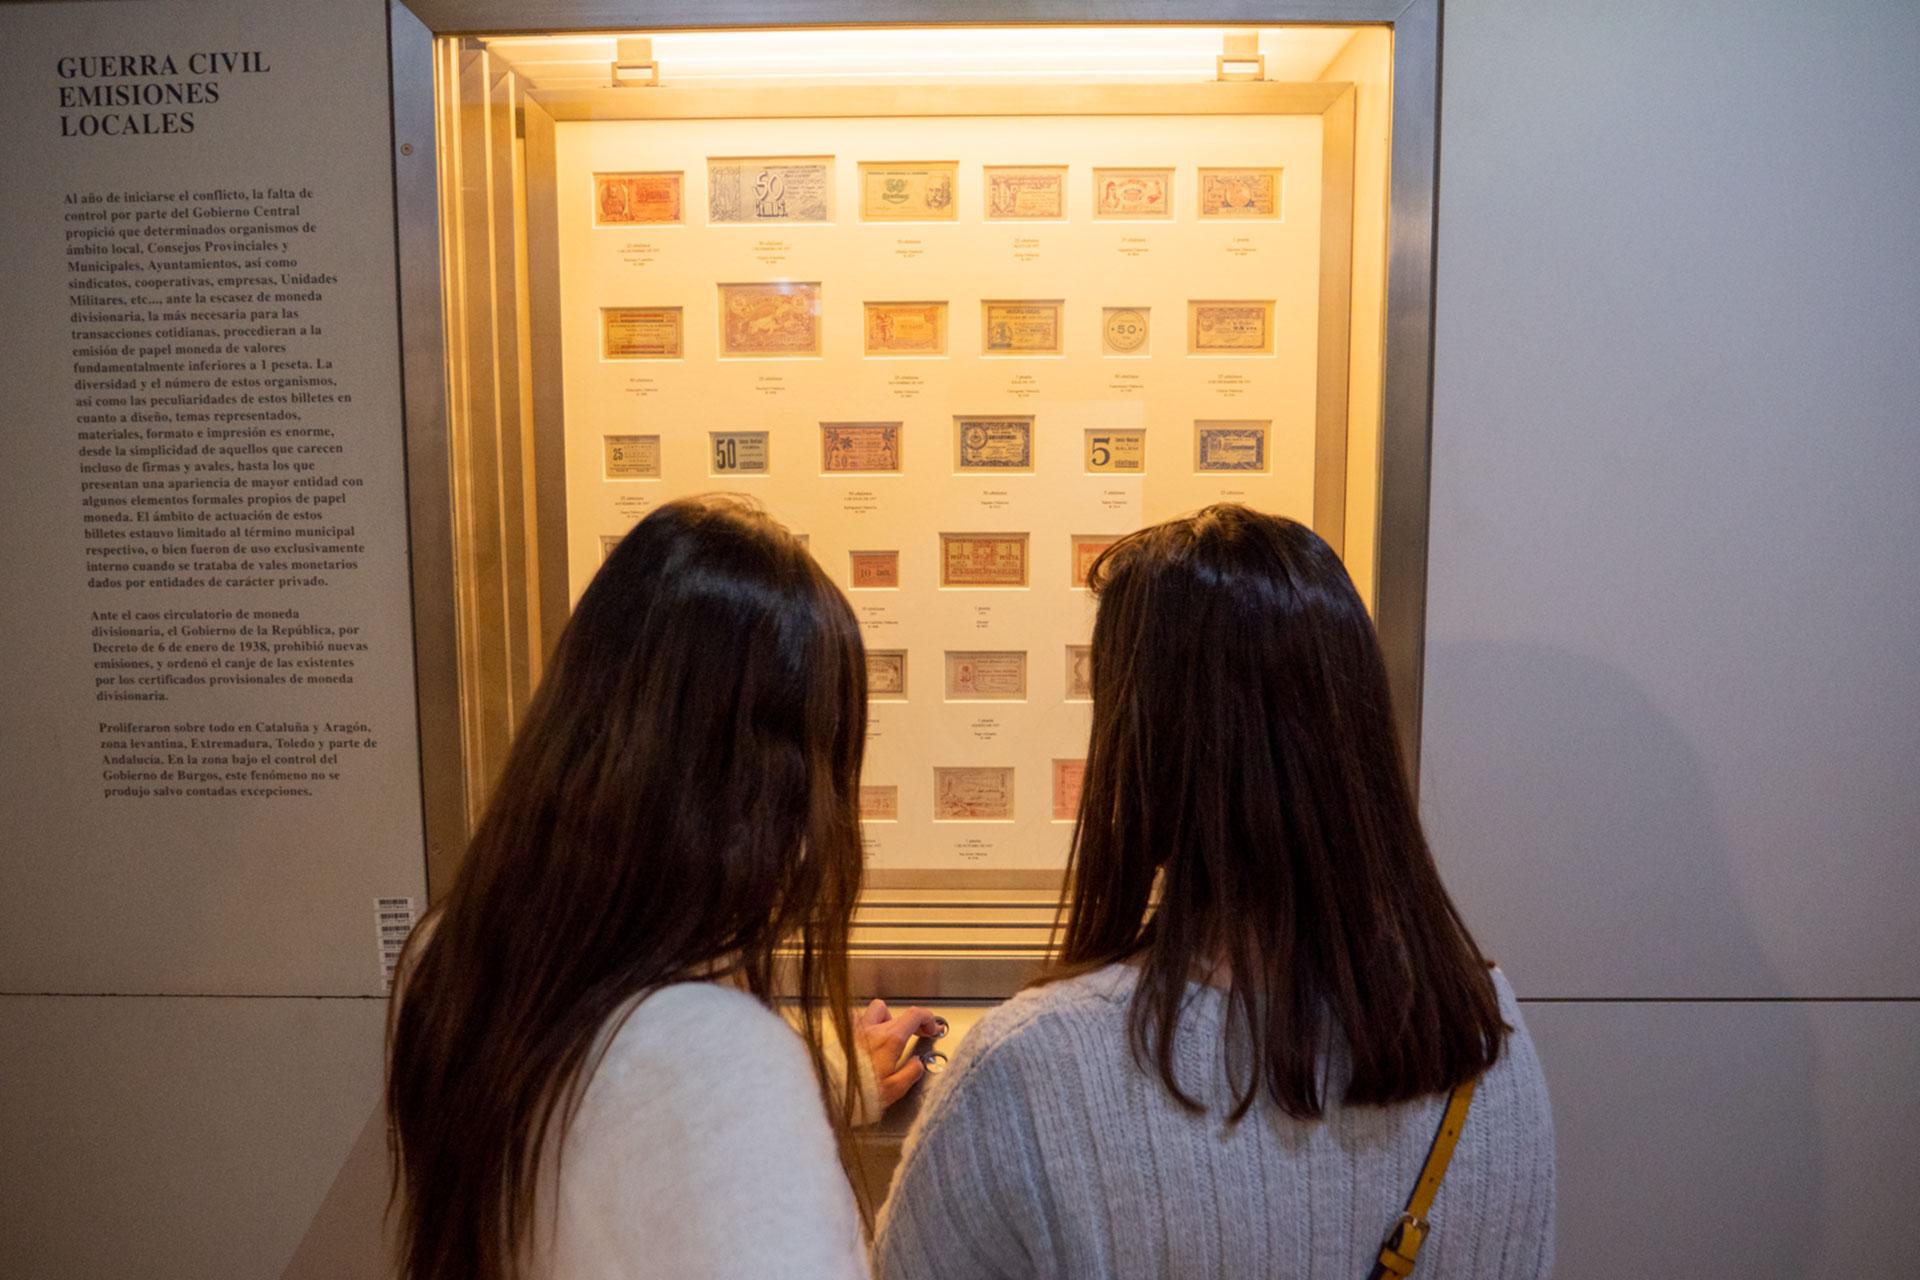 rrhh-talento-336x280 Museo Casa de la Moneda: Un paseo por la historia del dinero